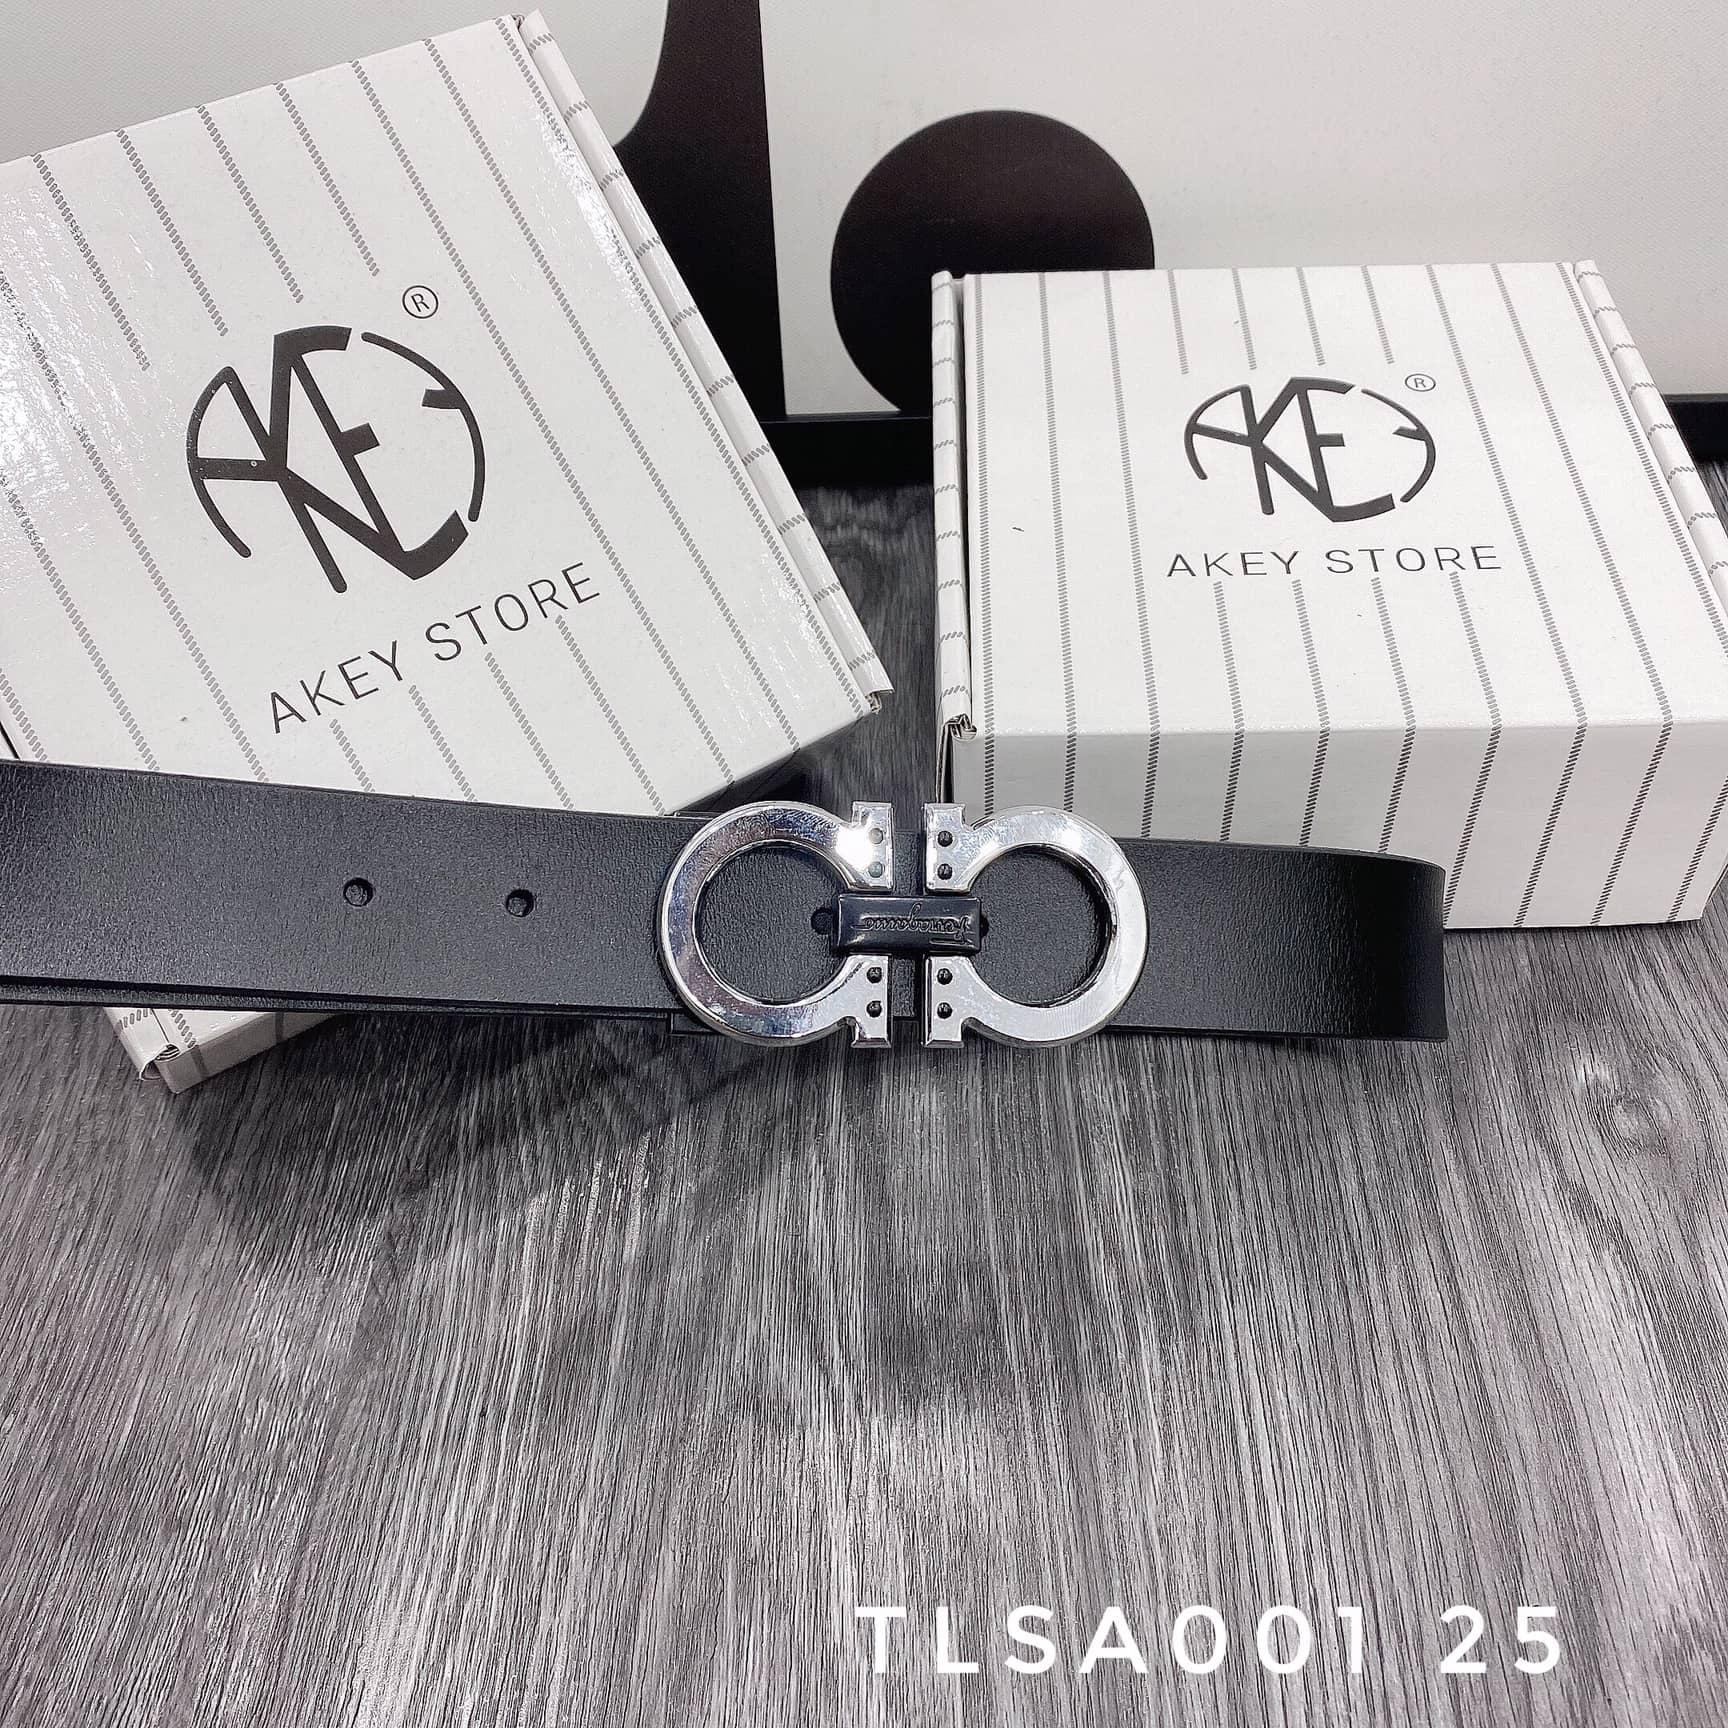 TLSA001